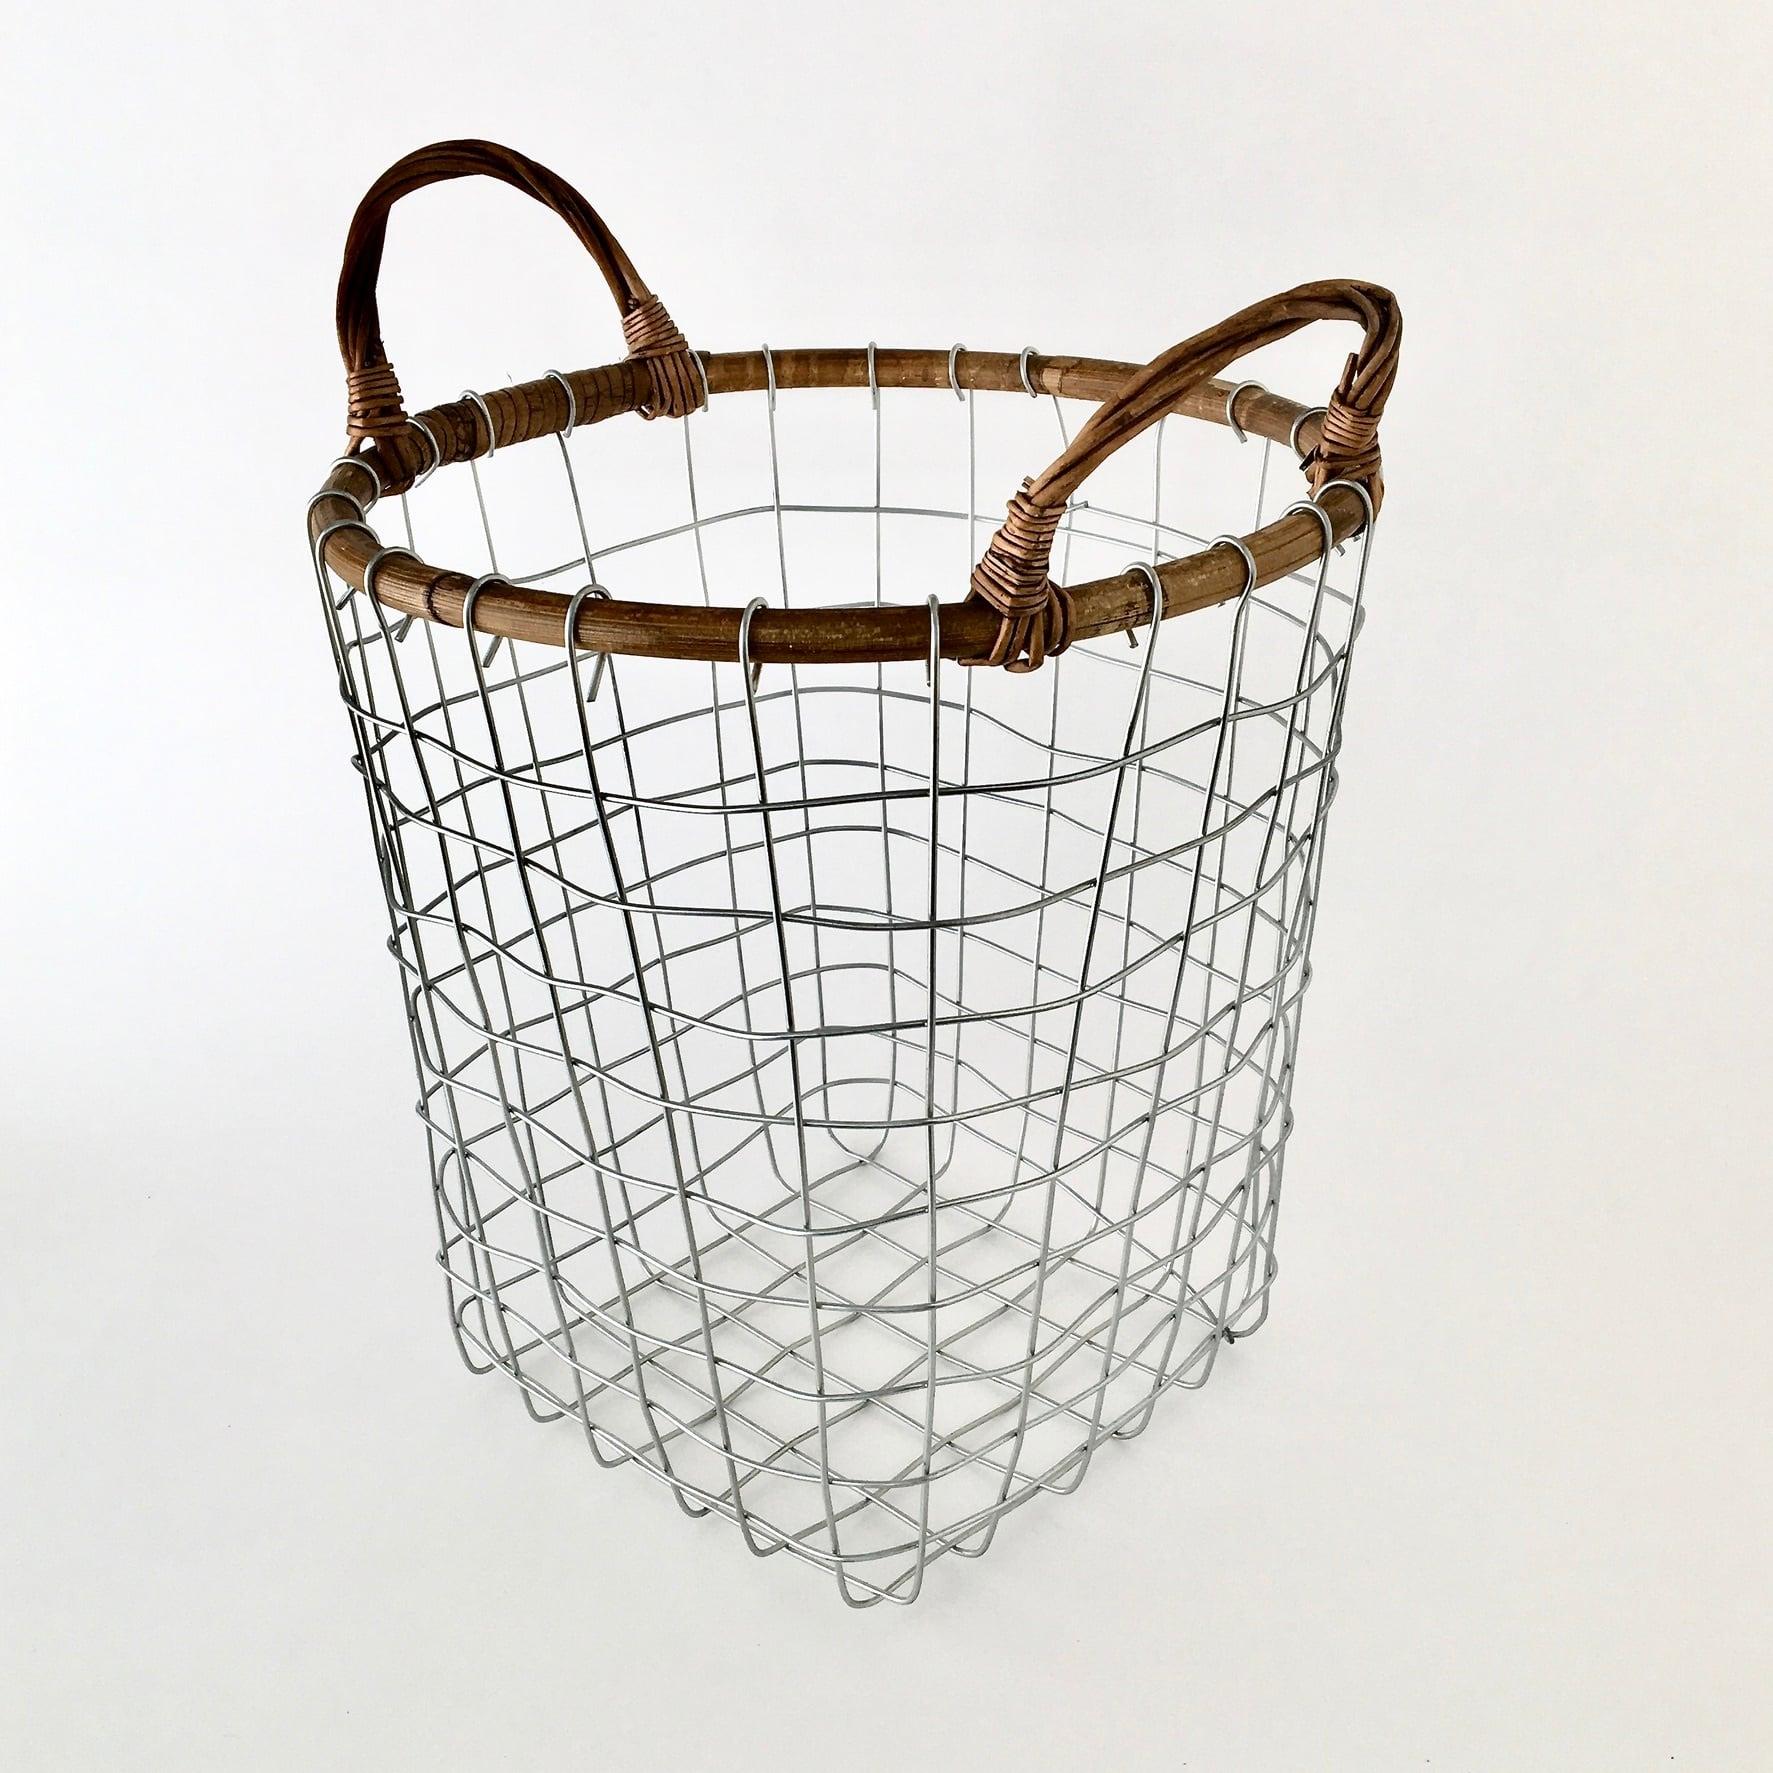 ラタントップ ワイヤーバスケット M|Rattan Top Wire Basket Medium(PUEBCO)